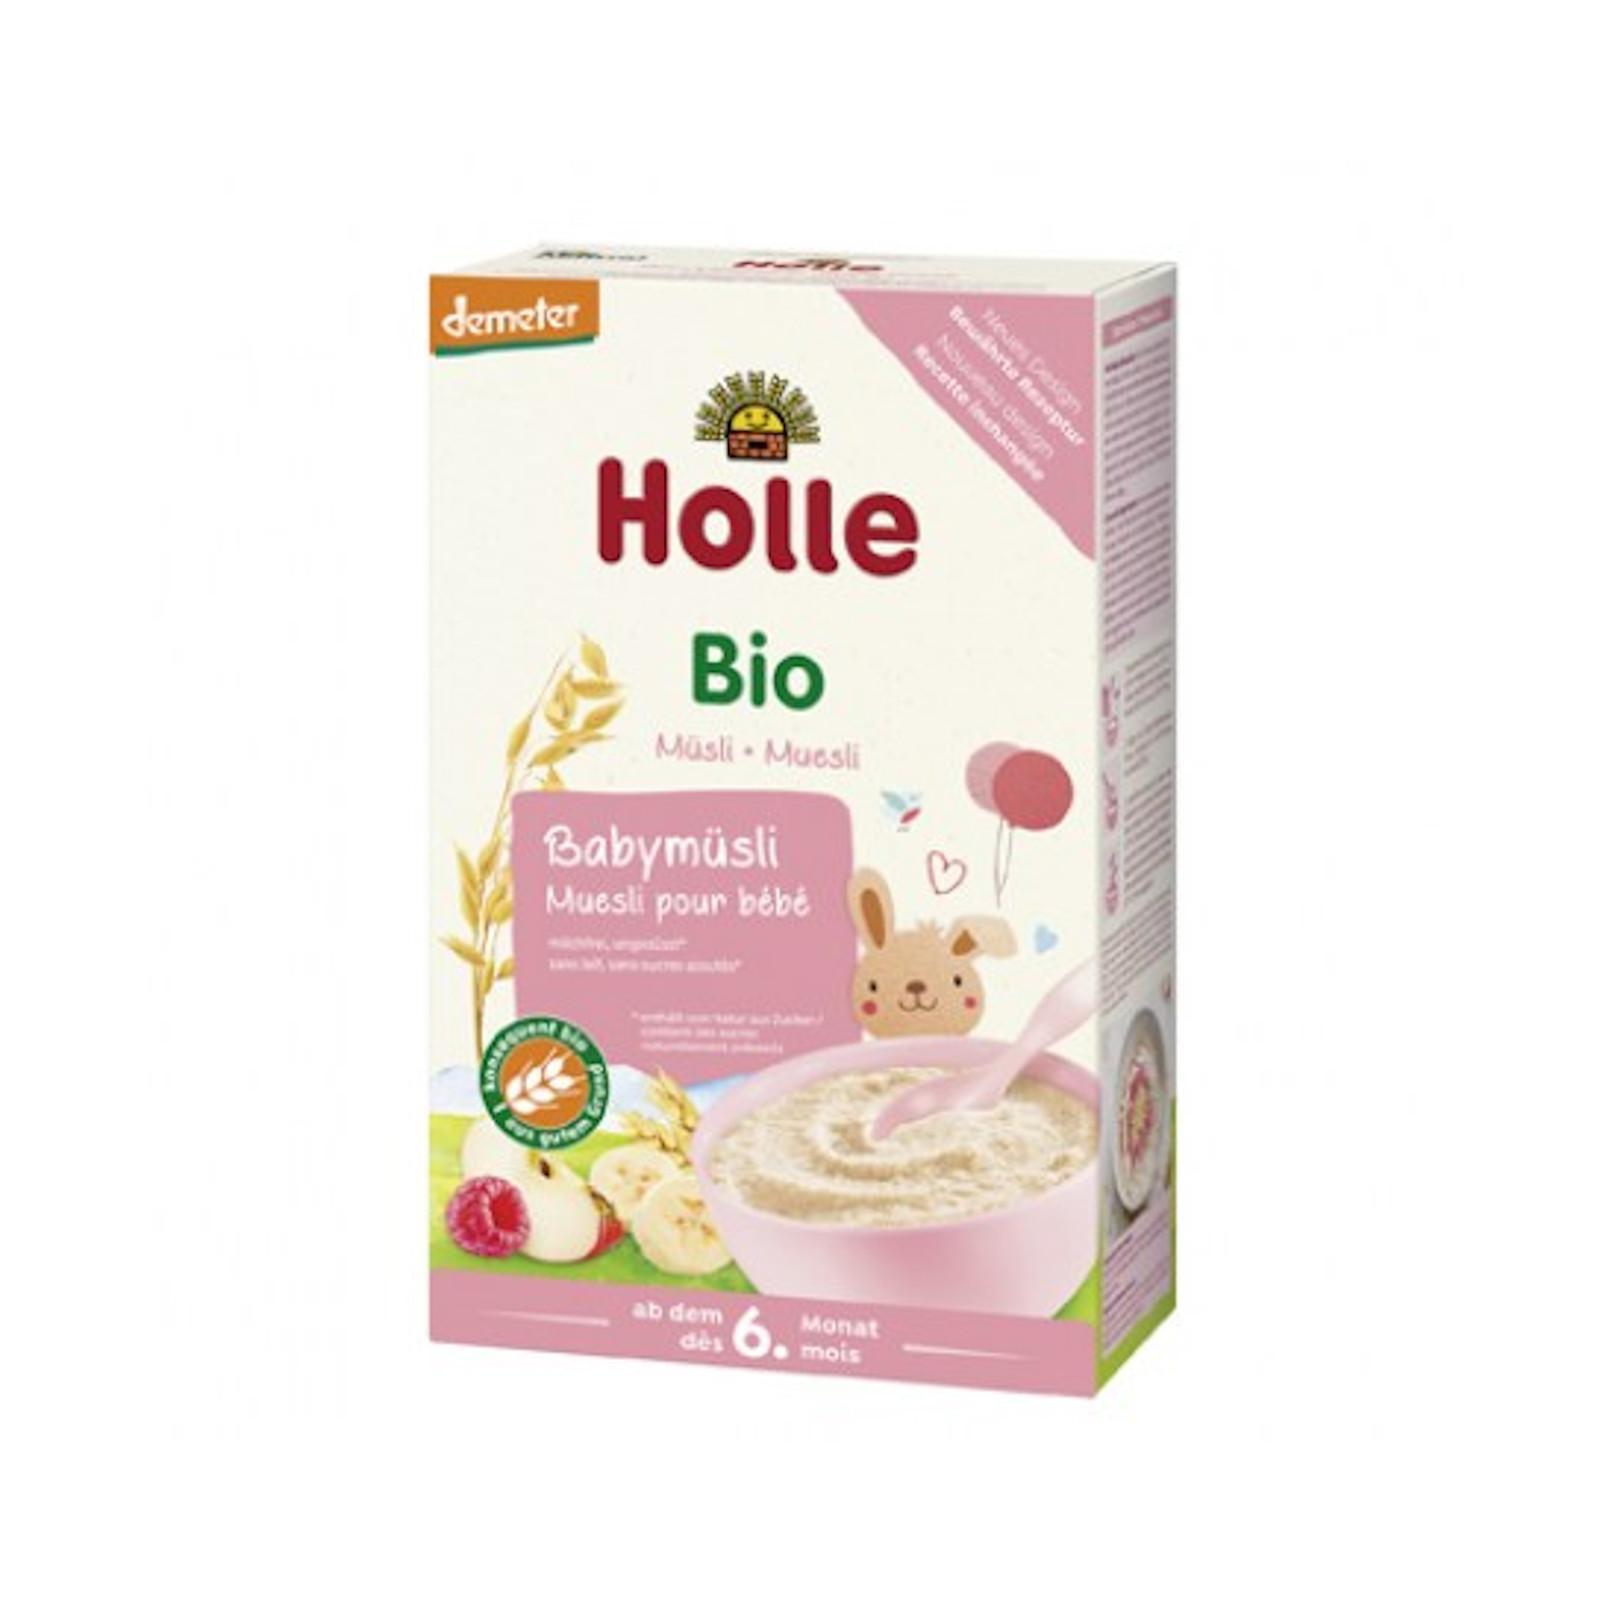 Holle Bio Babymüsli Kaše 250 g